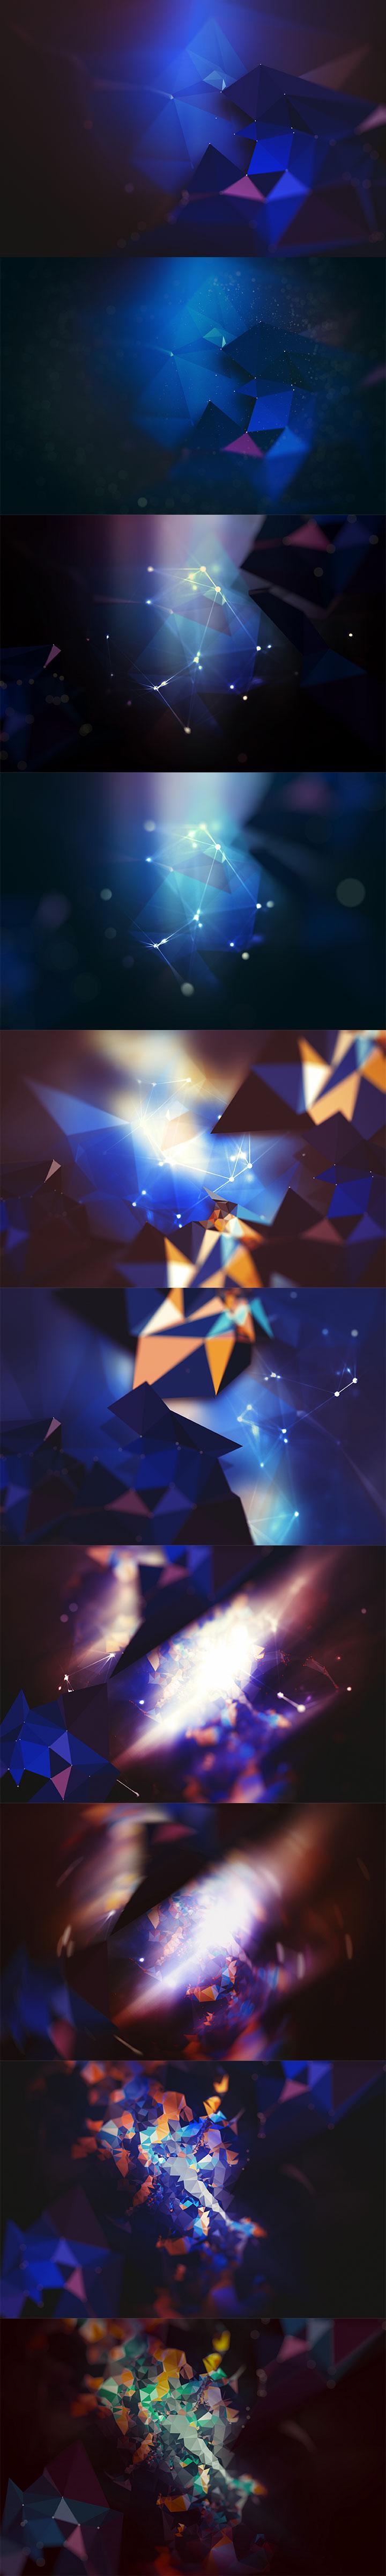 酷炫几何多边形背景素材下载[高清]